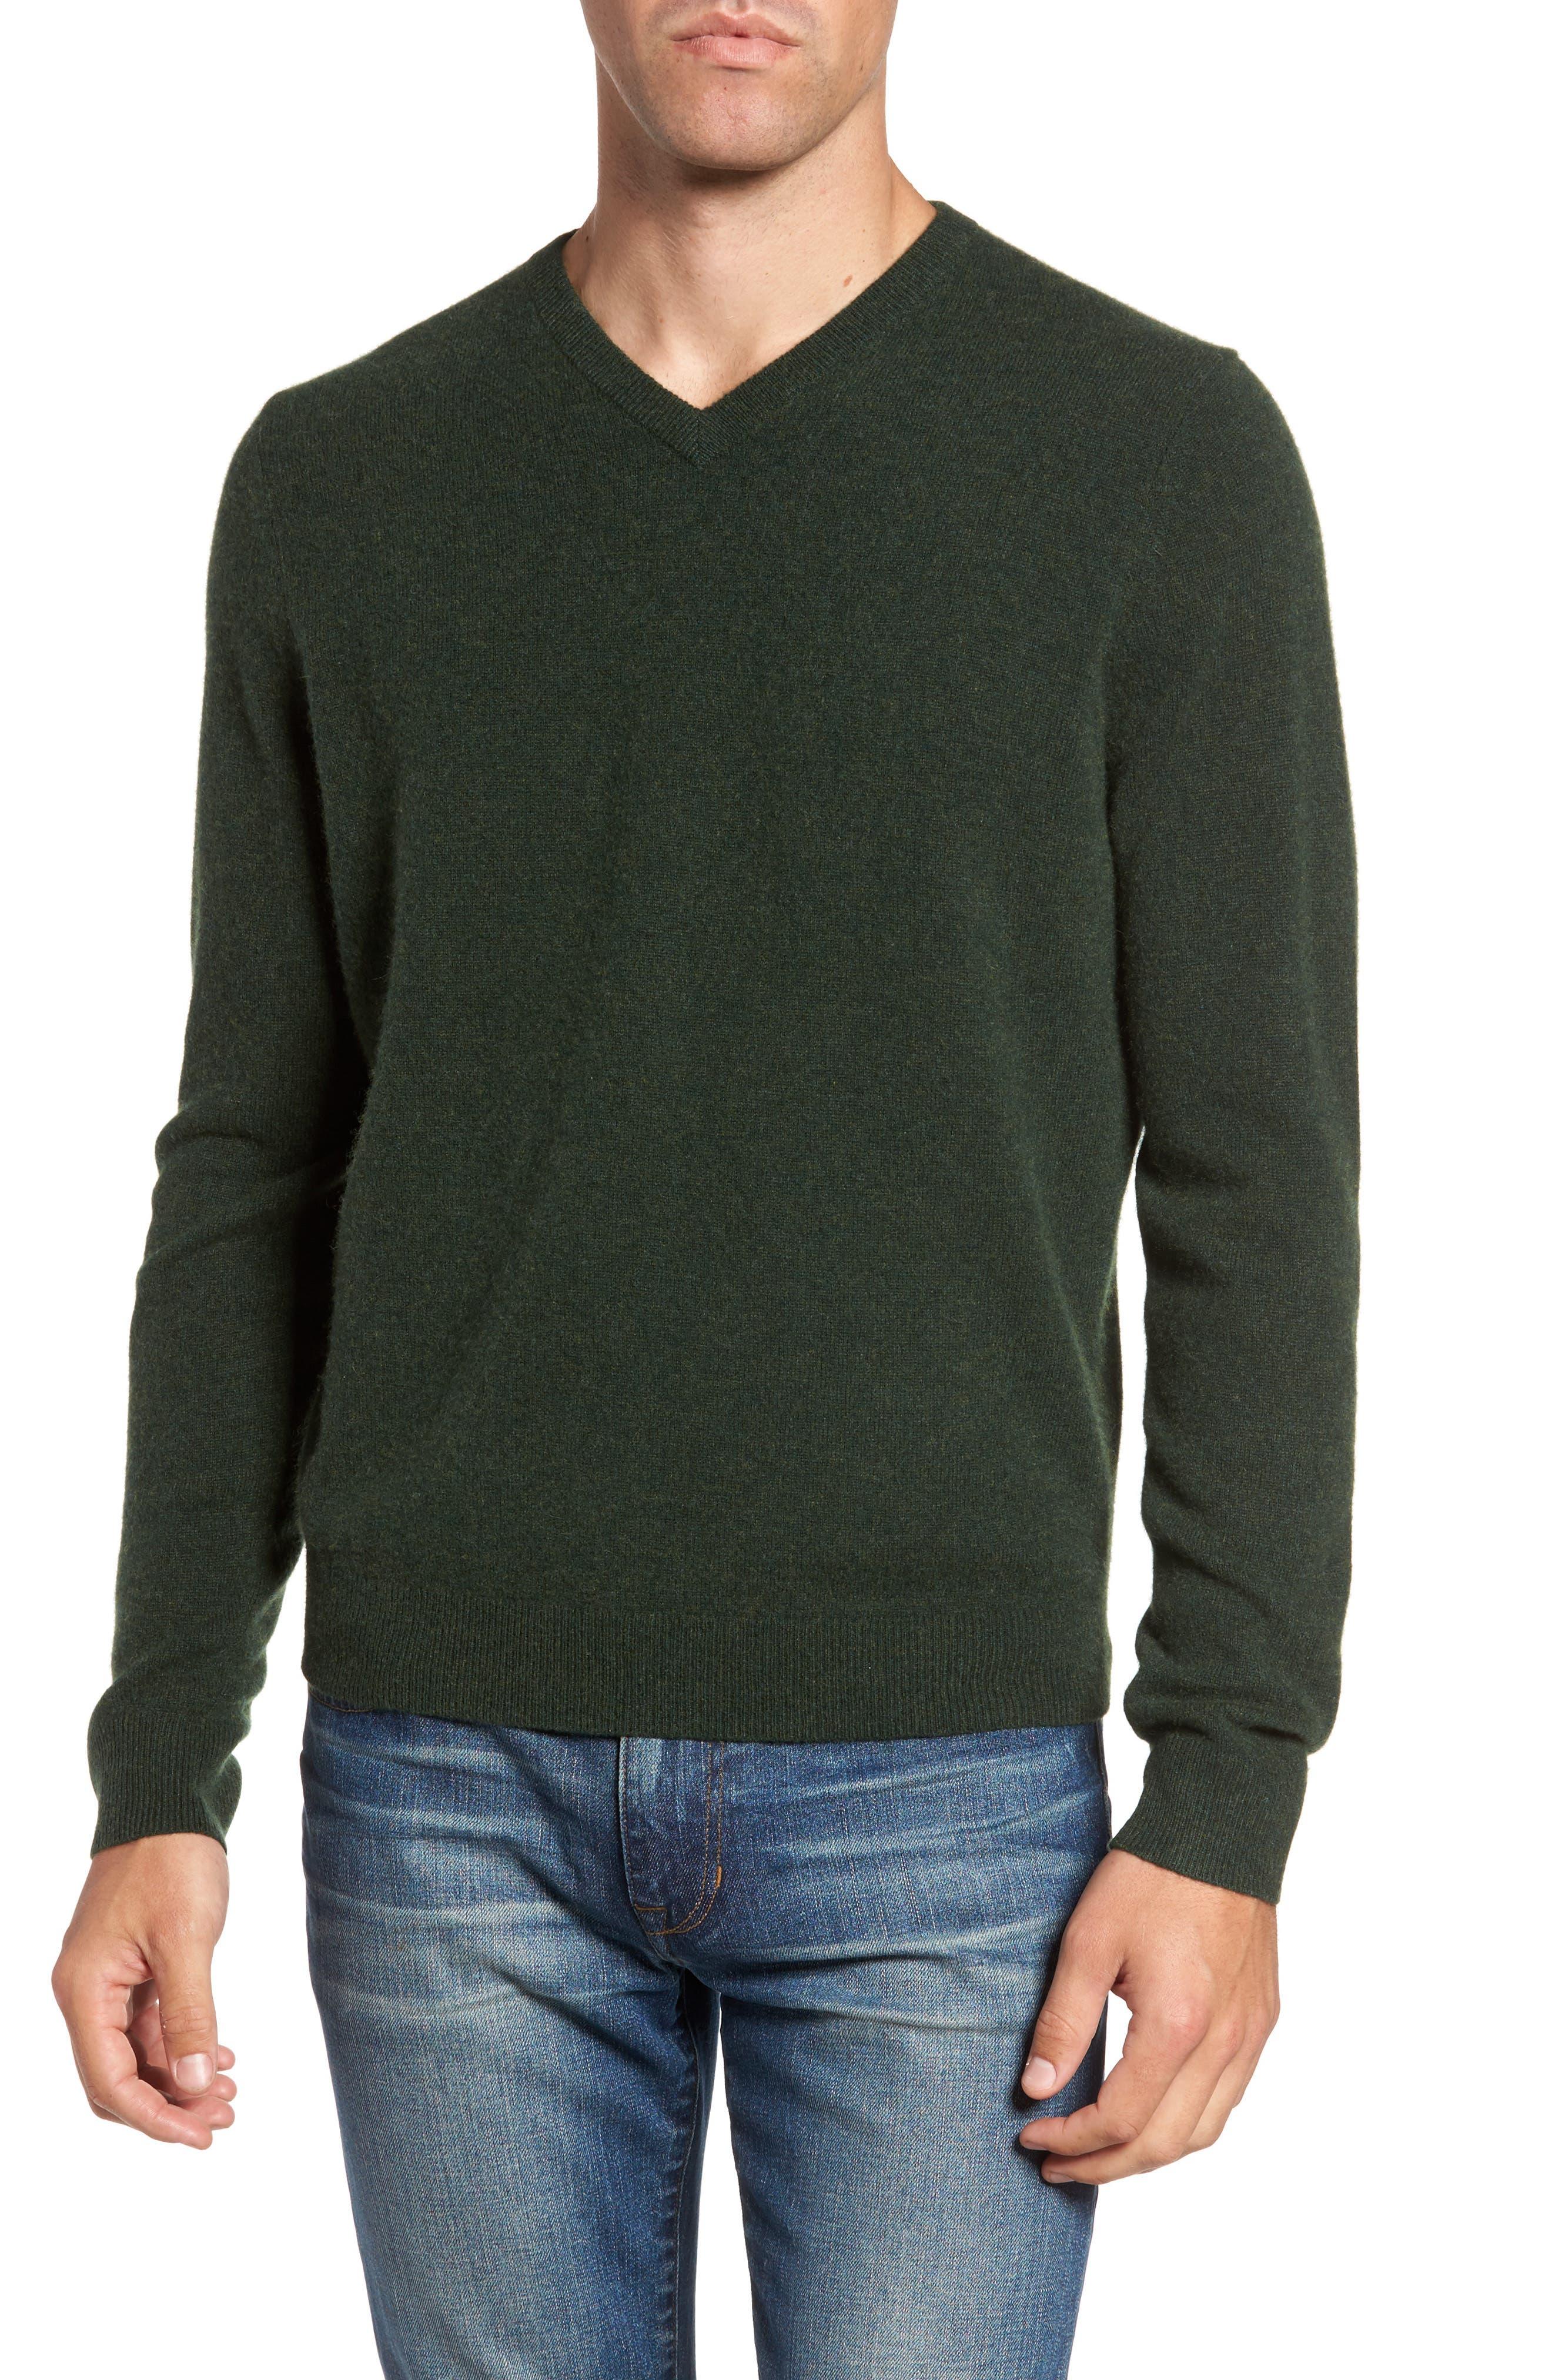 Nordstrom Shop Cashmere V-Neck Sweater, Green